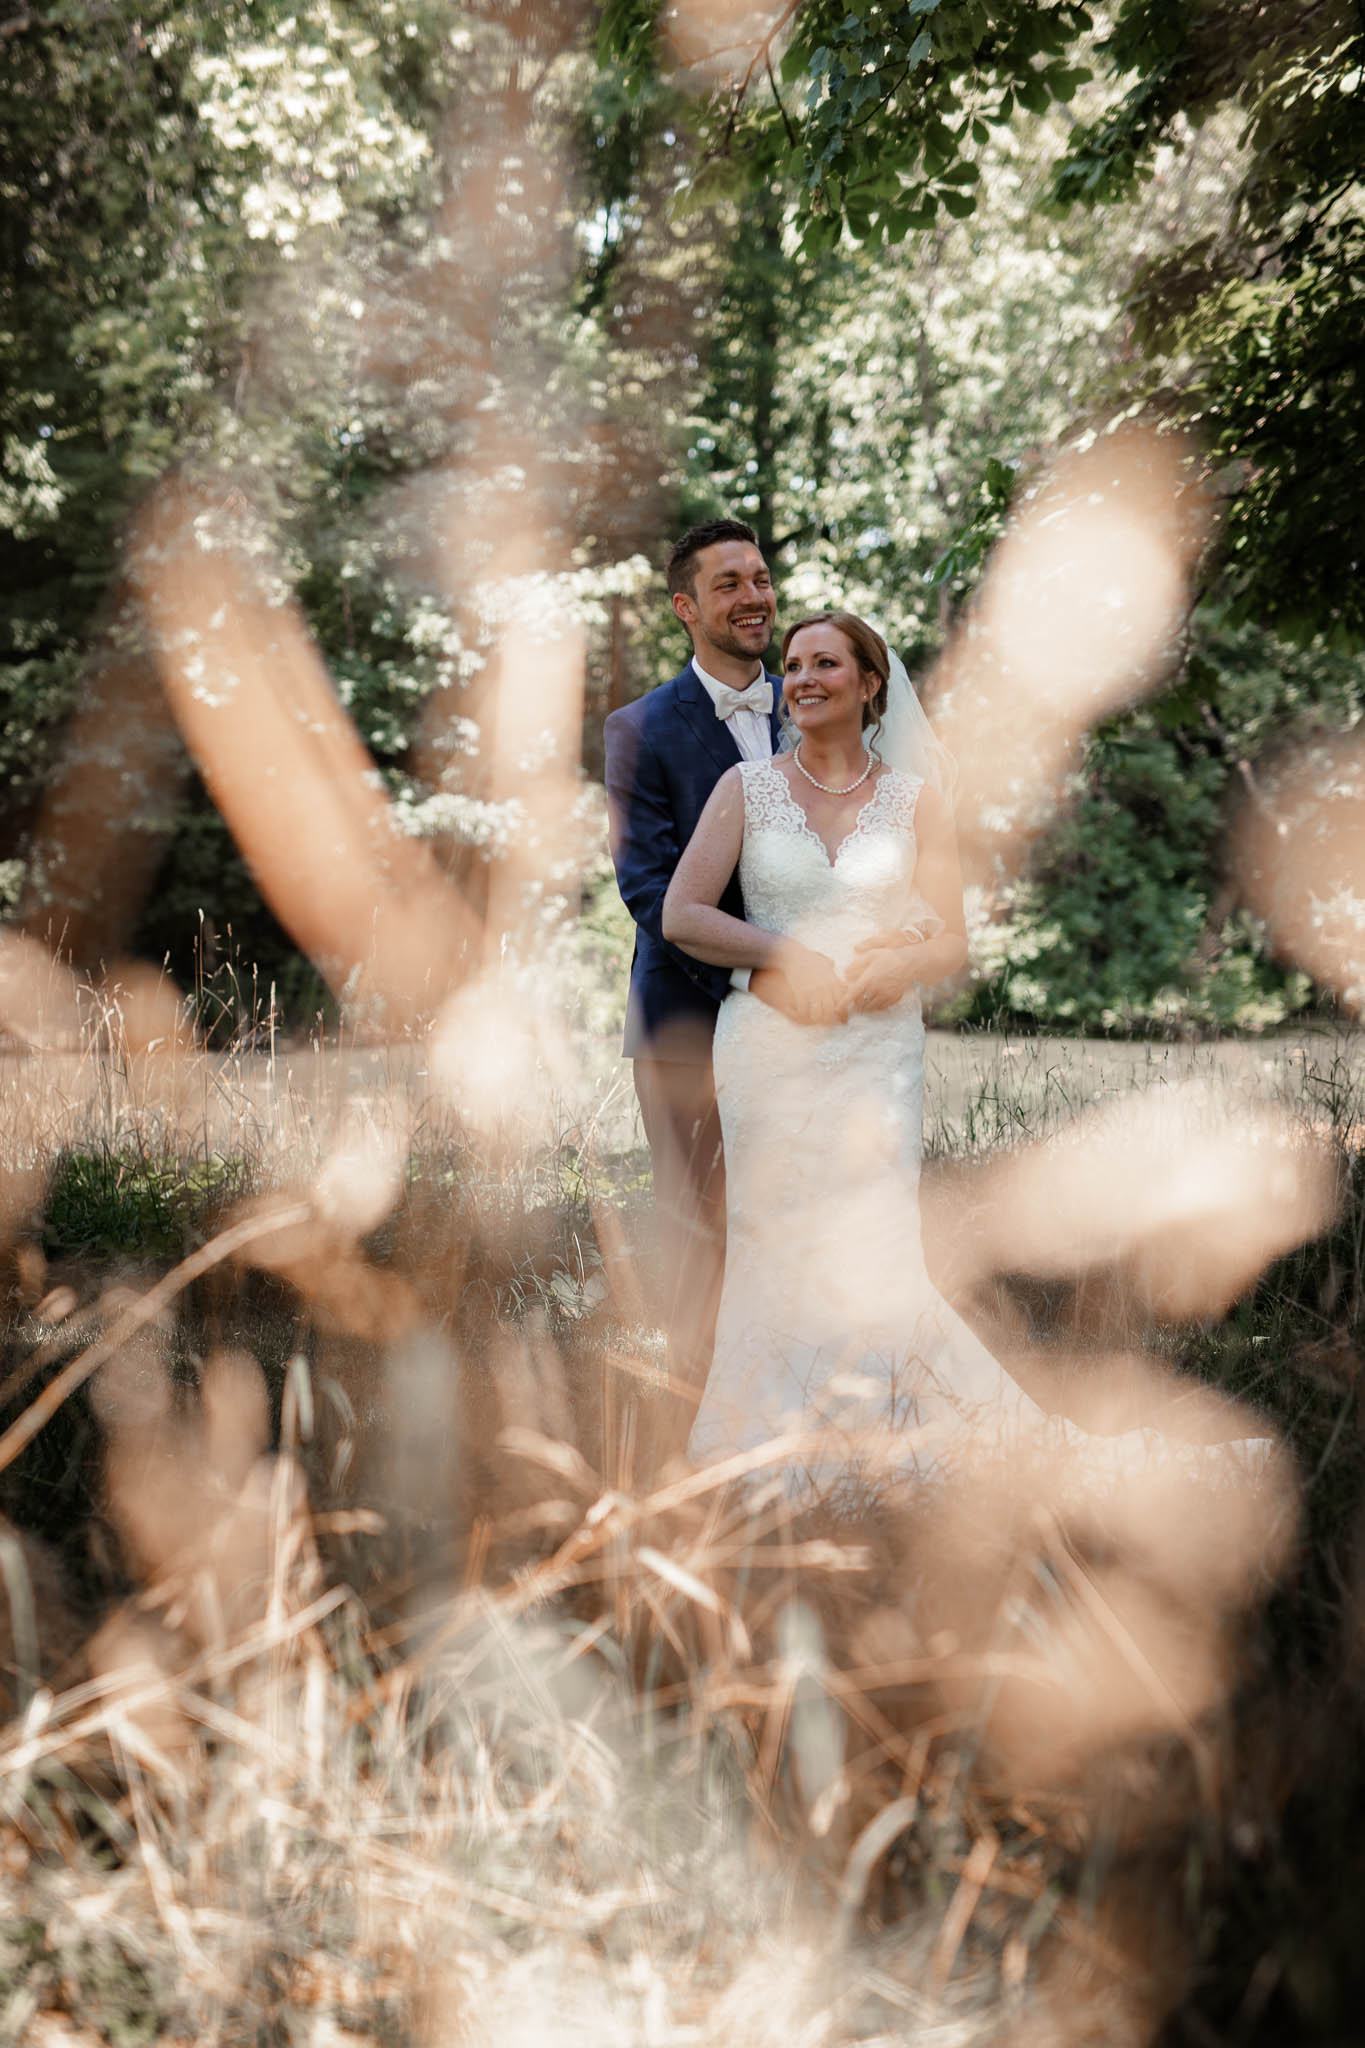 Hochzeitsfotograf Gundheim 21